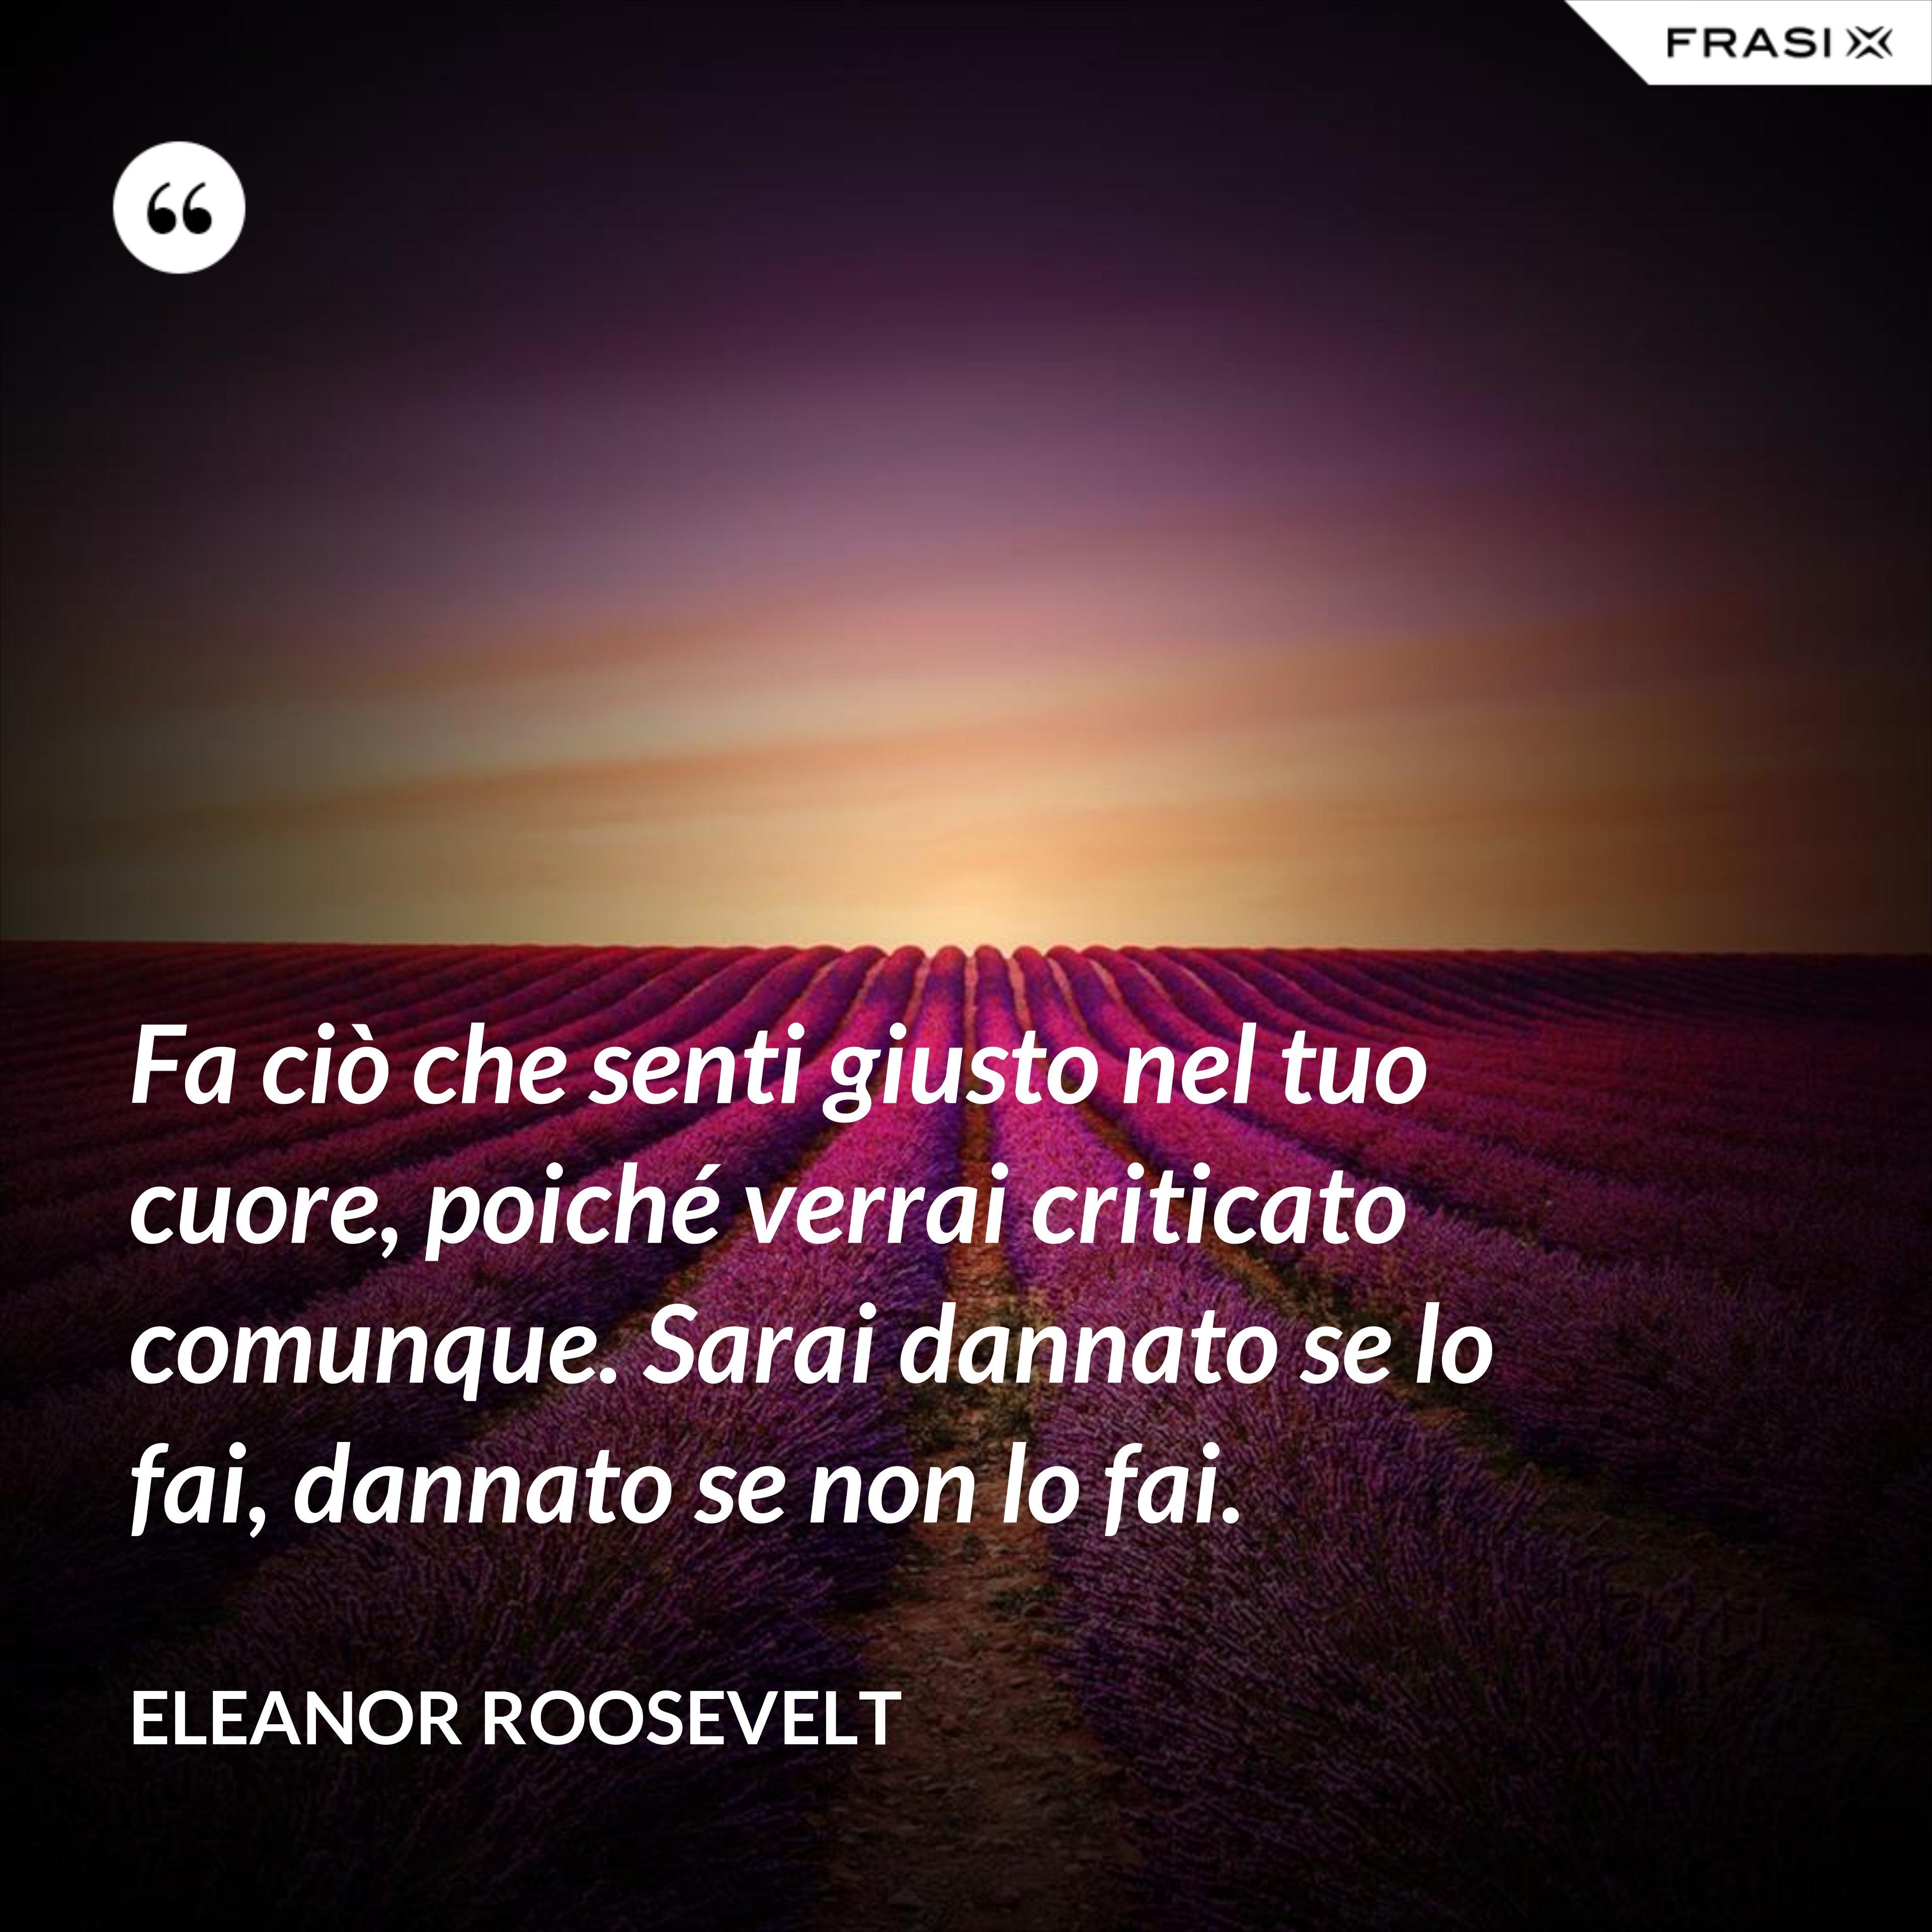 Fa ciò che senti giusto nel tuo cuore, poiché verrai criticato comunque. Sarai dannato se lo fai, dannato se non lo fai. - Eleanor Roosevelt